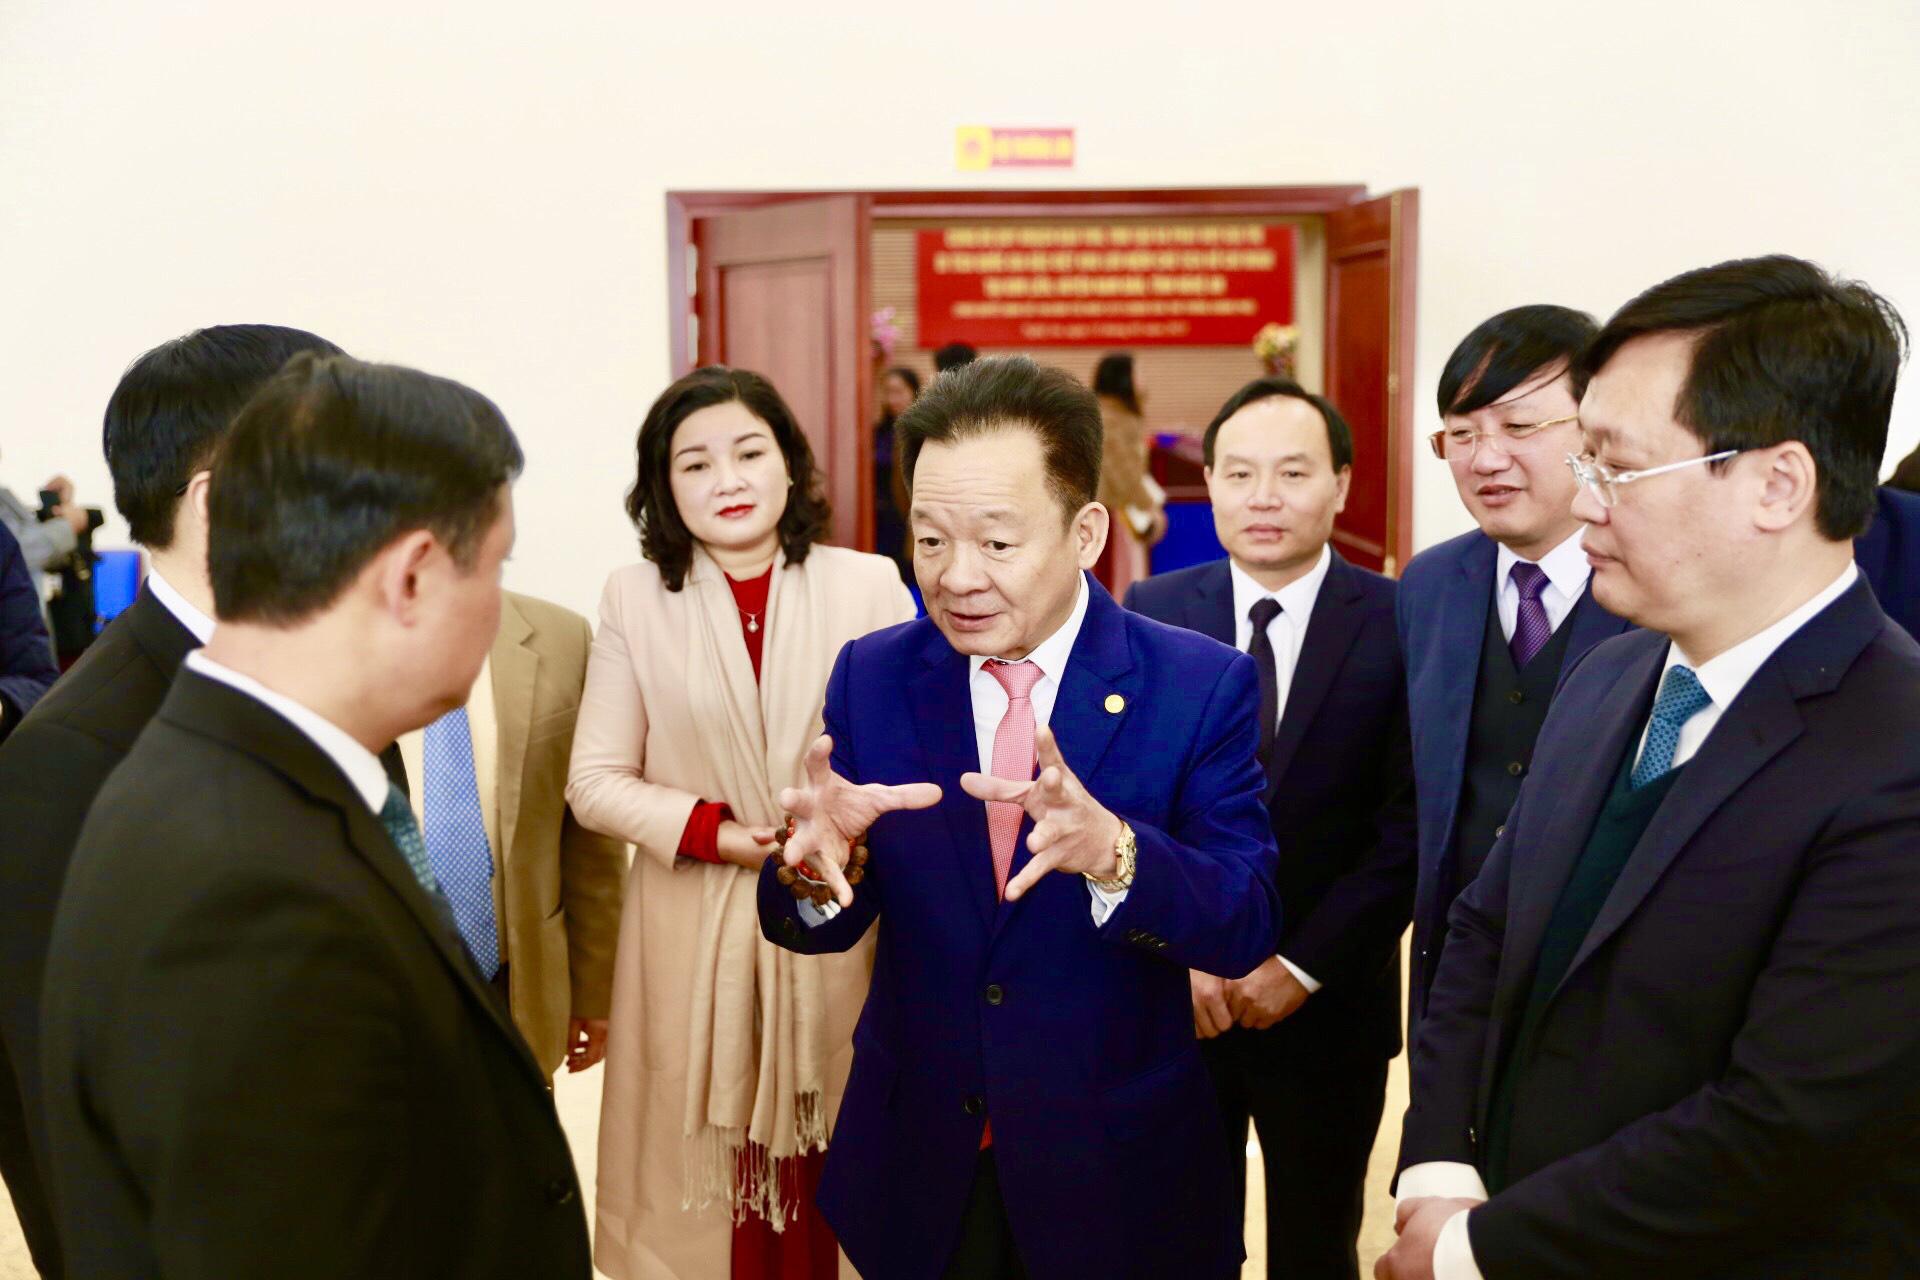 Công bố Quy hoạch bảo tồn, tôn tạo và phát huy giá trị Khu lưu niệm Chủ tịch Hồ Chí Minh tại Nghệ An - Ảnh 3.